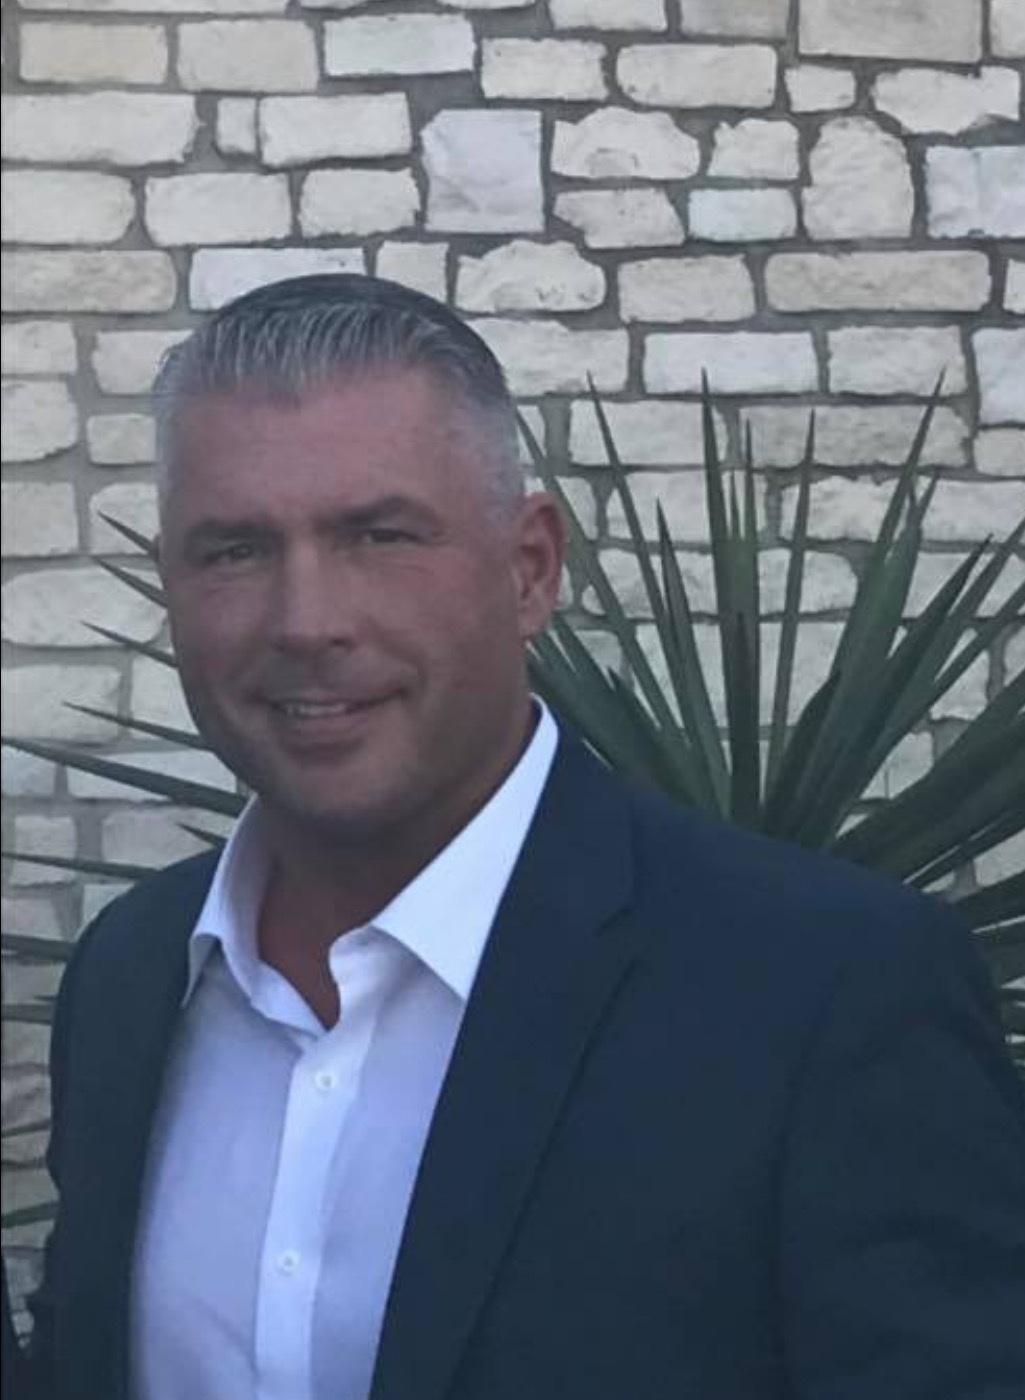 Detective David Siurek